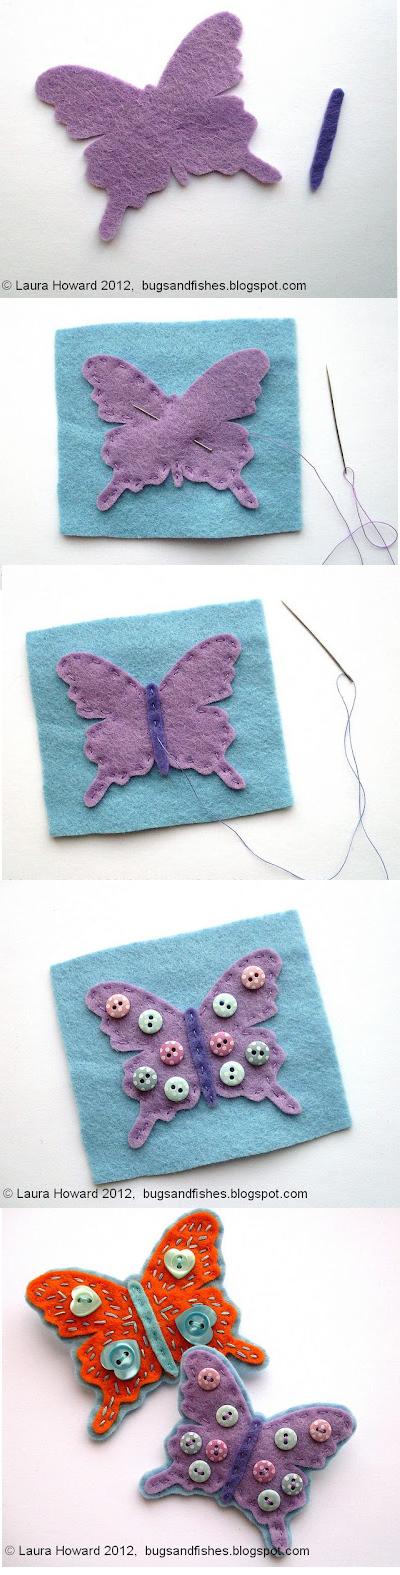 Tutorial para aprender a hacer paso a paso un broche de fieltro con forma de mariposa